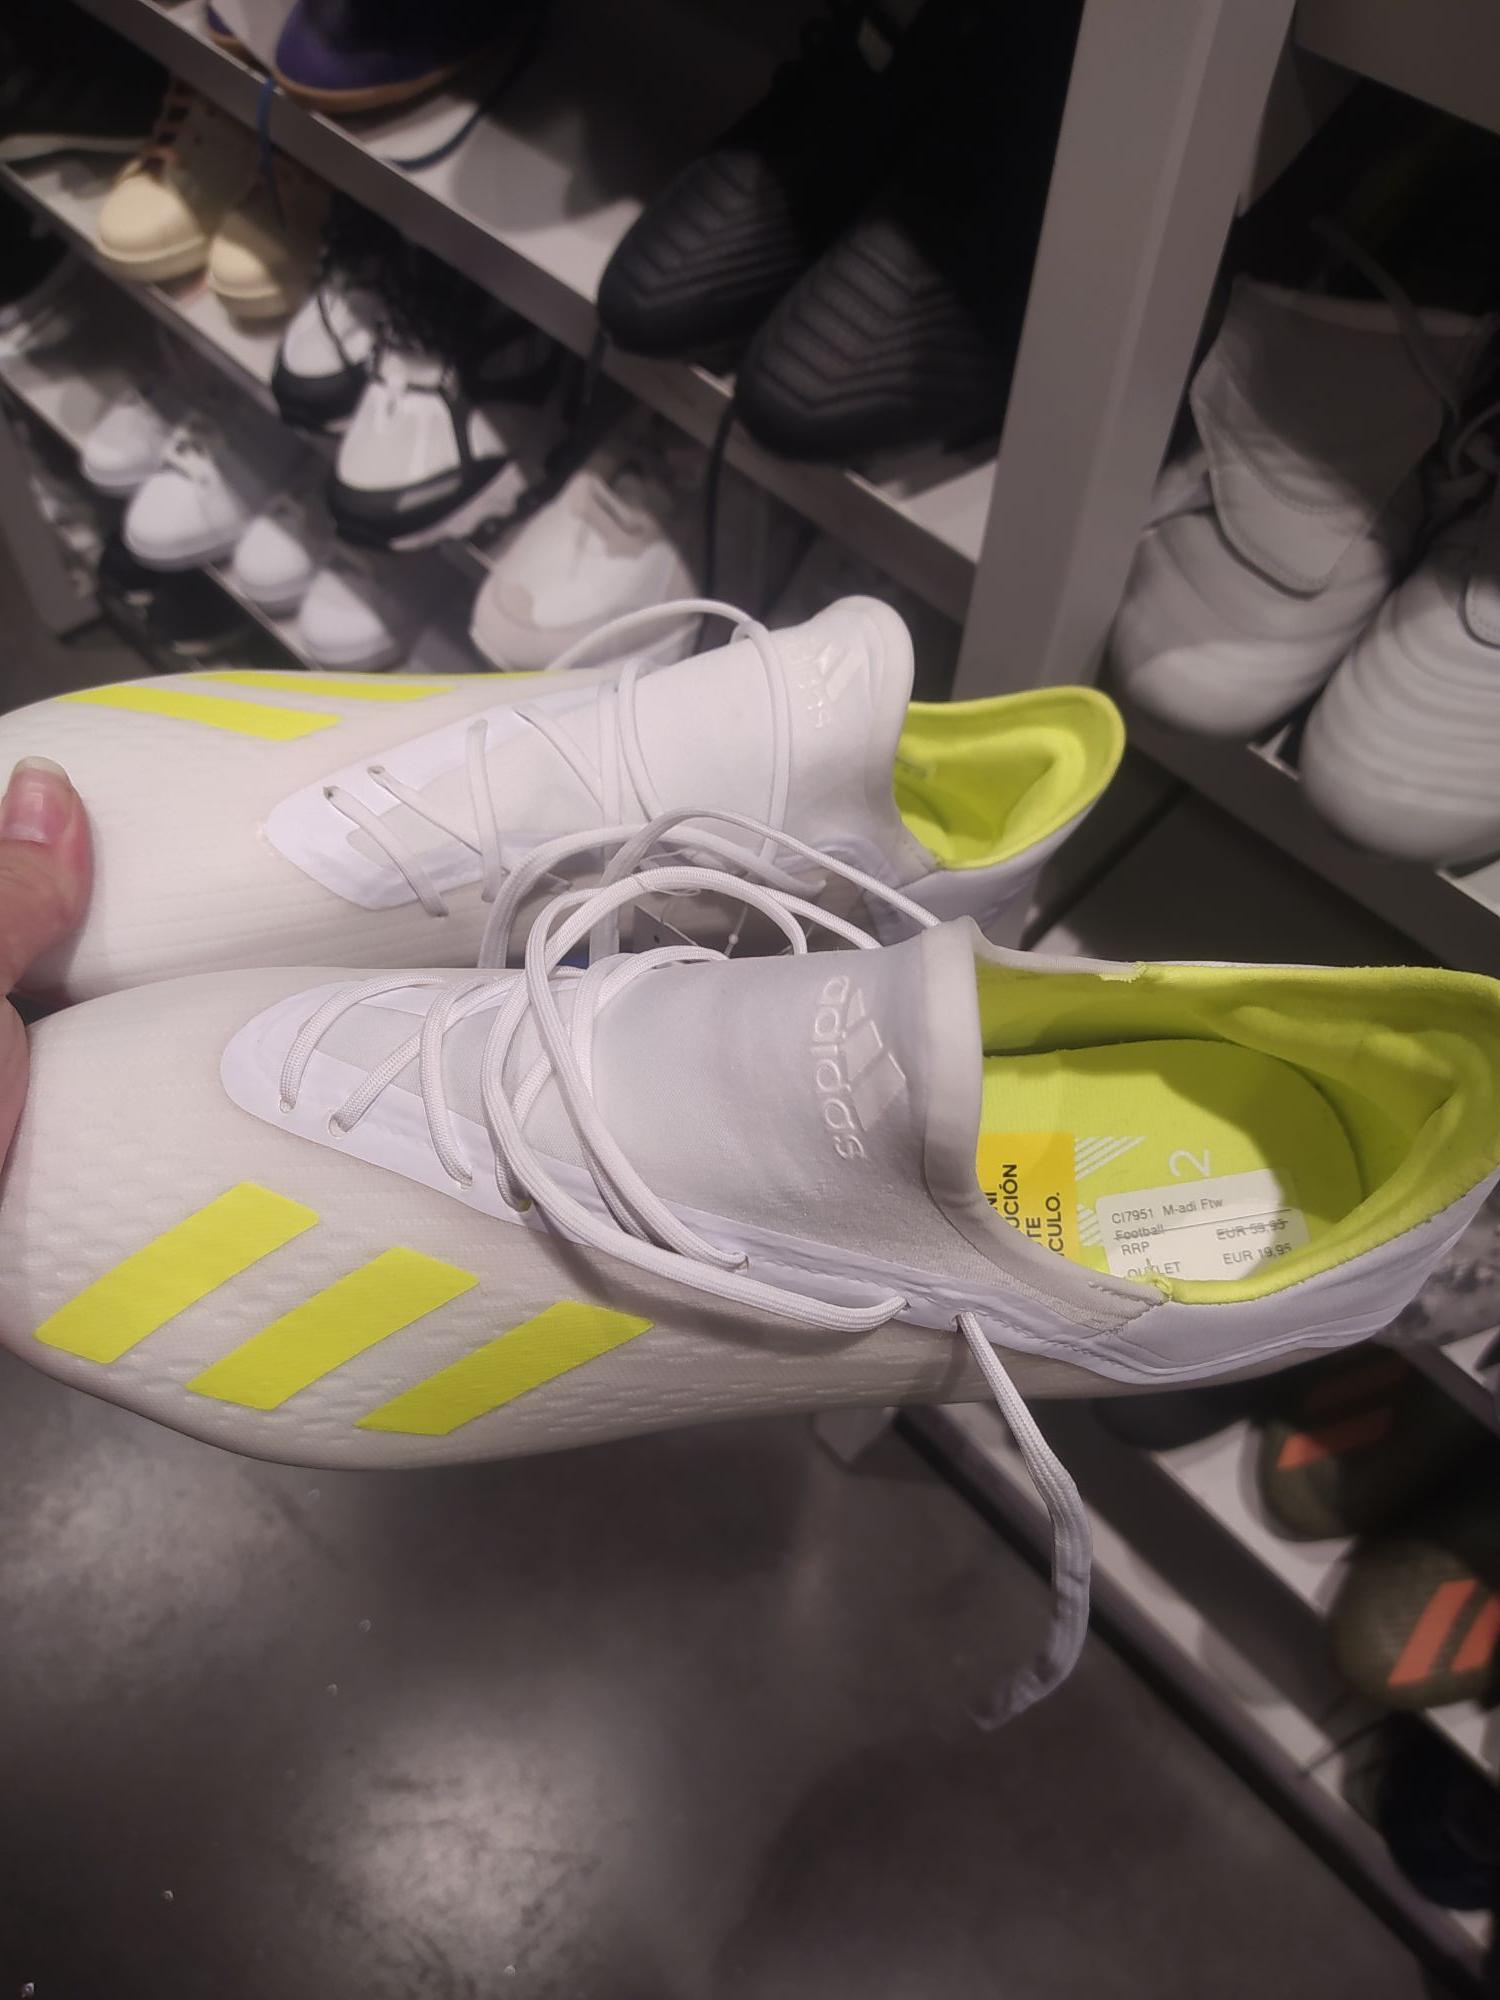 Botas de fútbol adidas 19.2 (en la tienda Adidas de Vega del Rey, Camas)